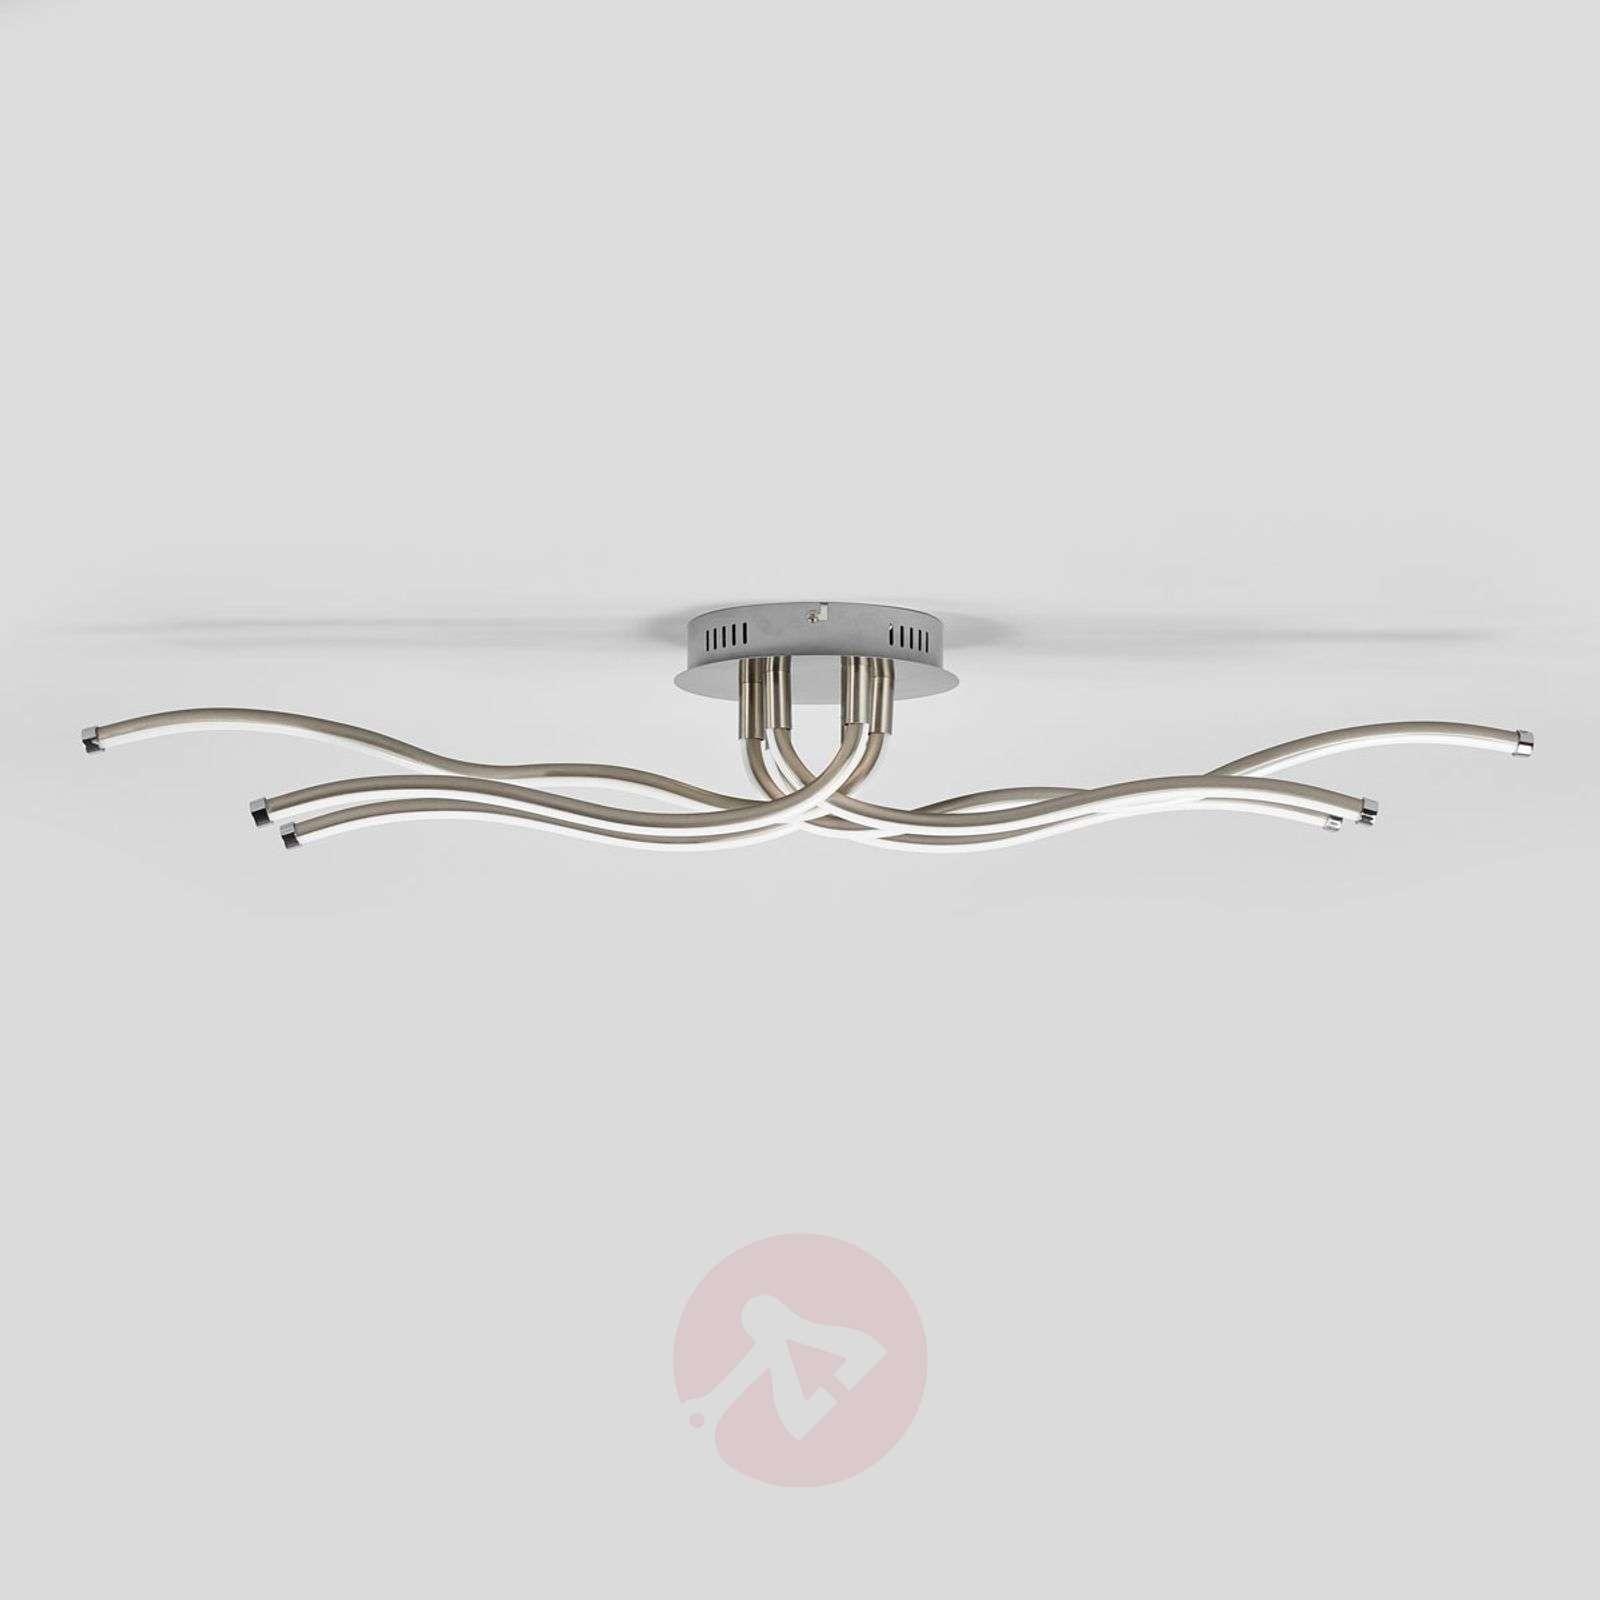 Saya wave-shaped LED ceiling light-9985073-02